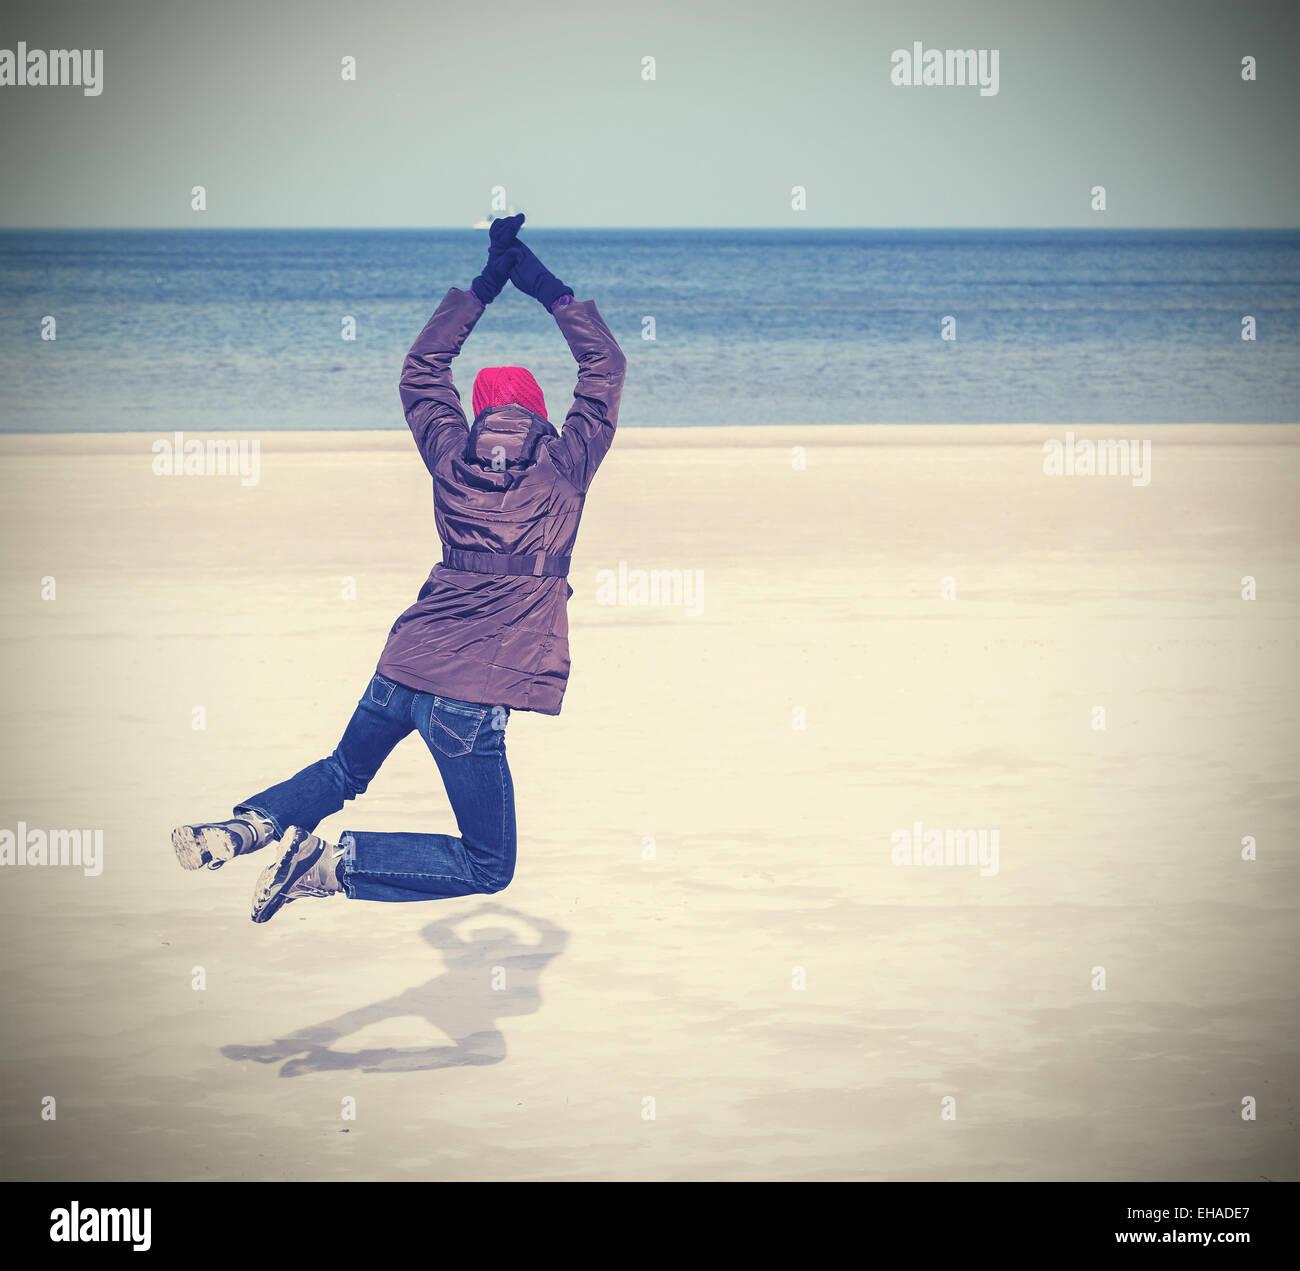 Retro-gefilterte Foto Frau am Strand, Winter aktiven Lifestyle-Konzept, Raum für Text springen. Stockfoto